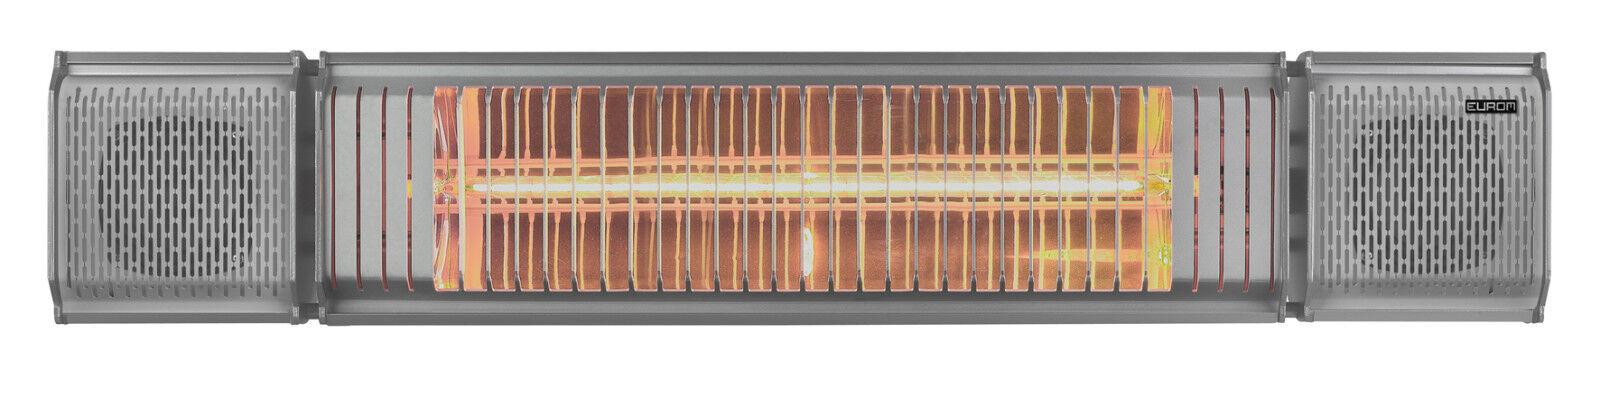 EUROM Heat and Beat Terrassenheizung Heizstrahler mit Bluetooth Lautsprechern